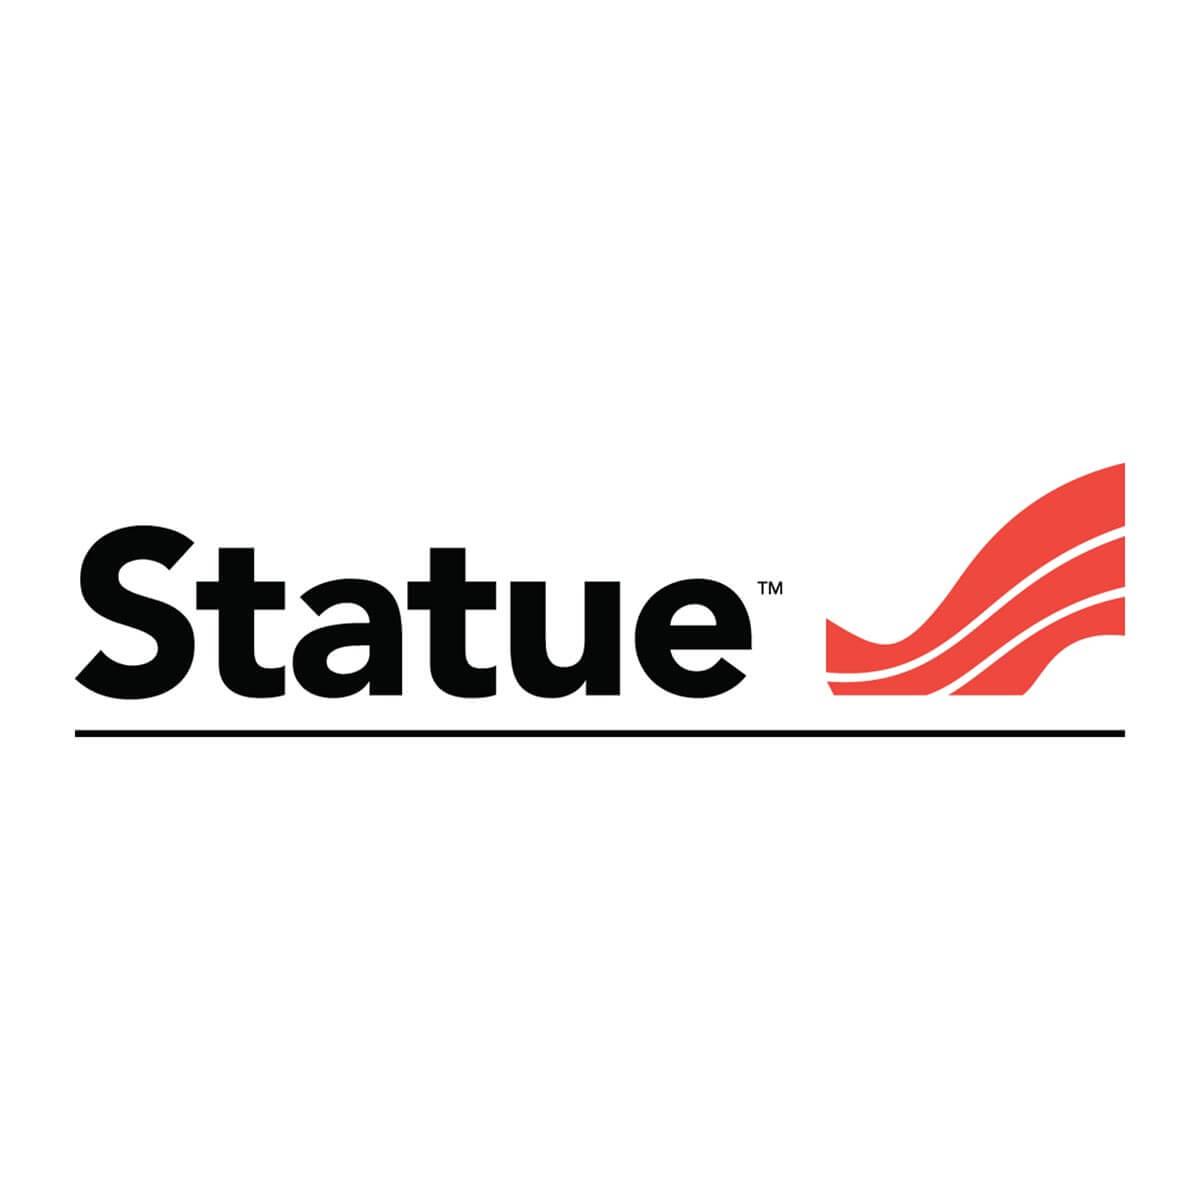 STATUE 3L